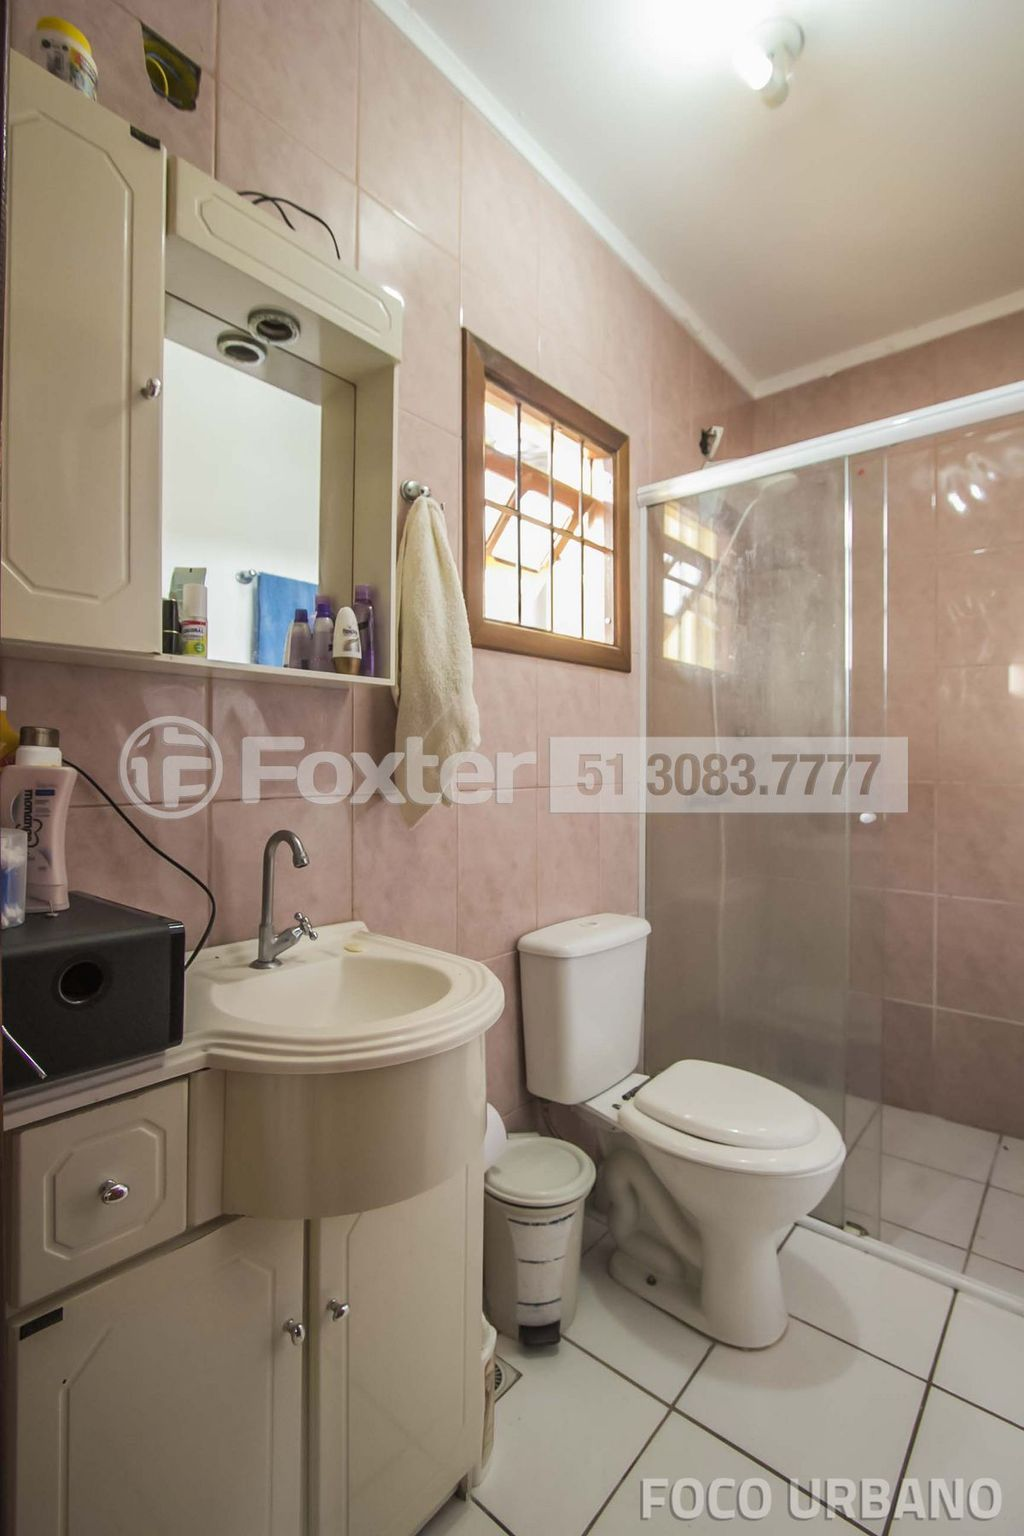 Casa 3 Dorm, Nonoai, Porto Alegre (136655) - Foto 13